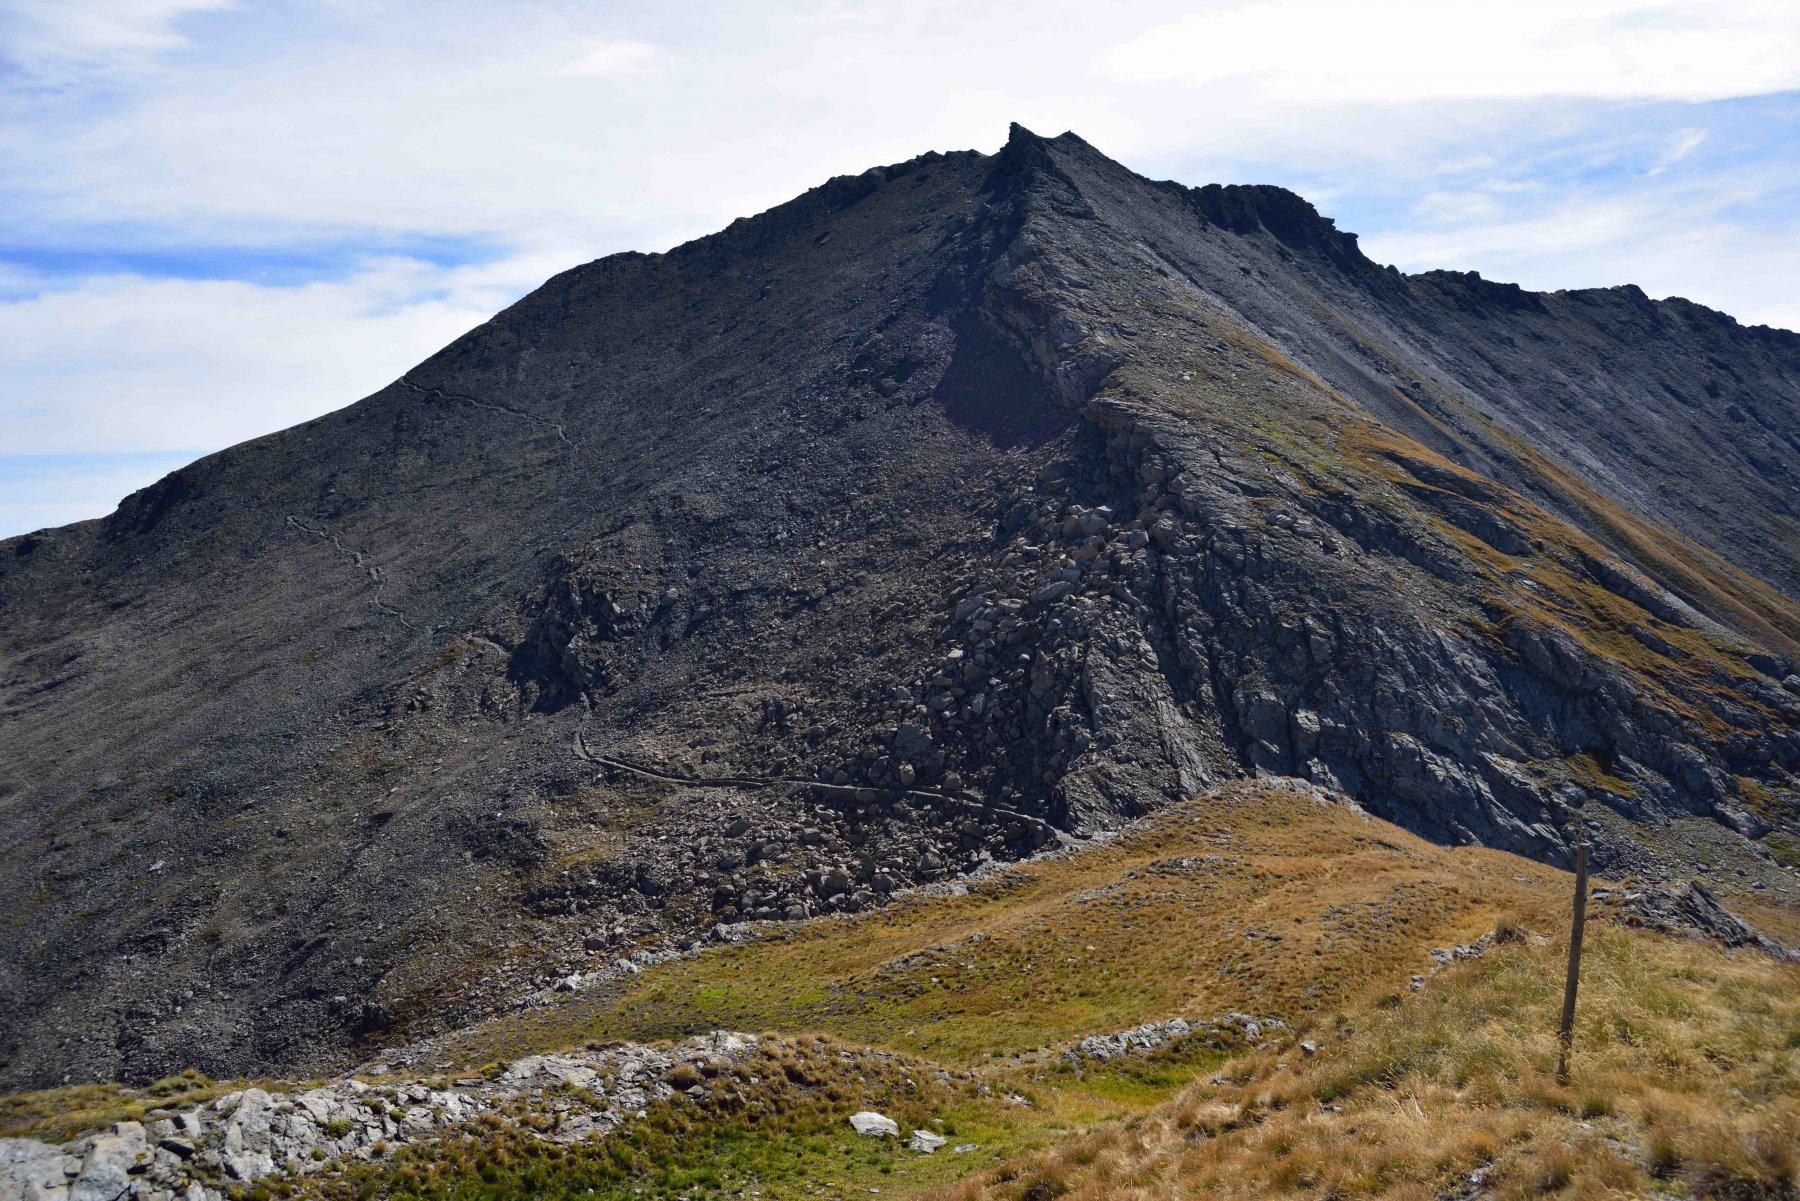 Il monte Ruetas con le creste NE (a sinistra), N (al centro) e S (a destra) dal monte Morefreddo